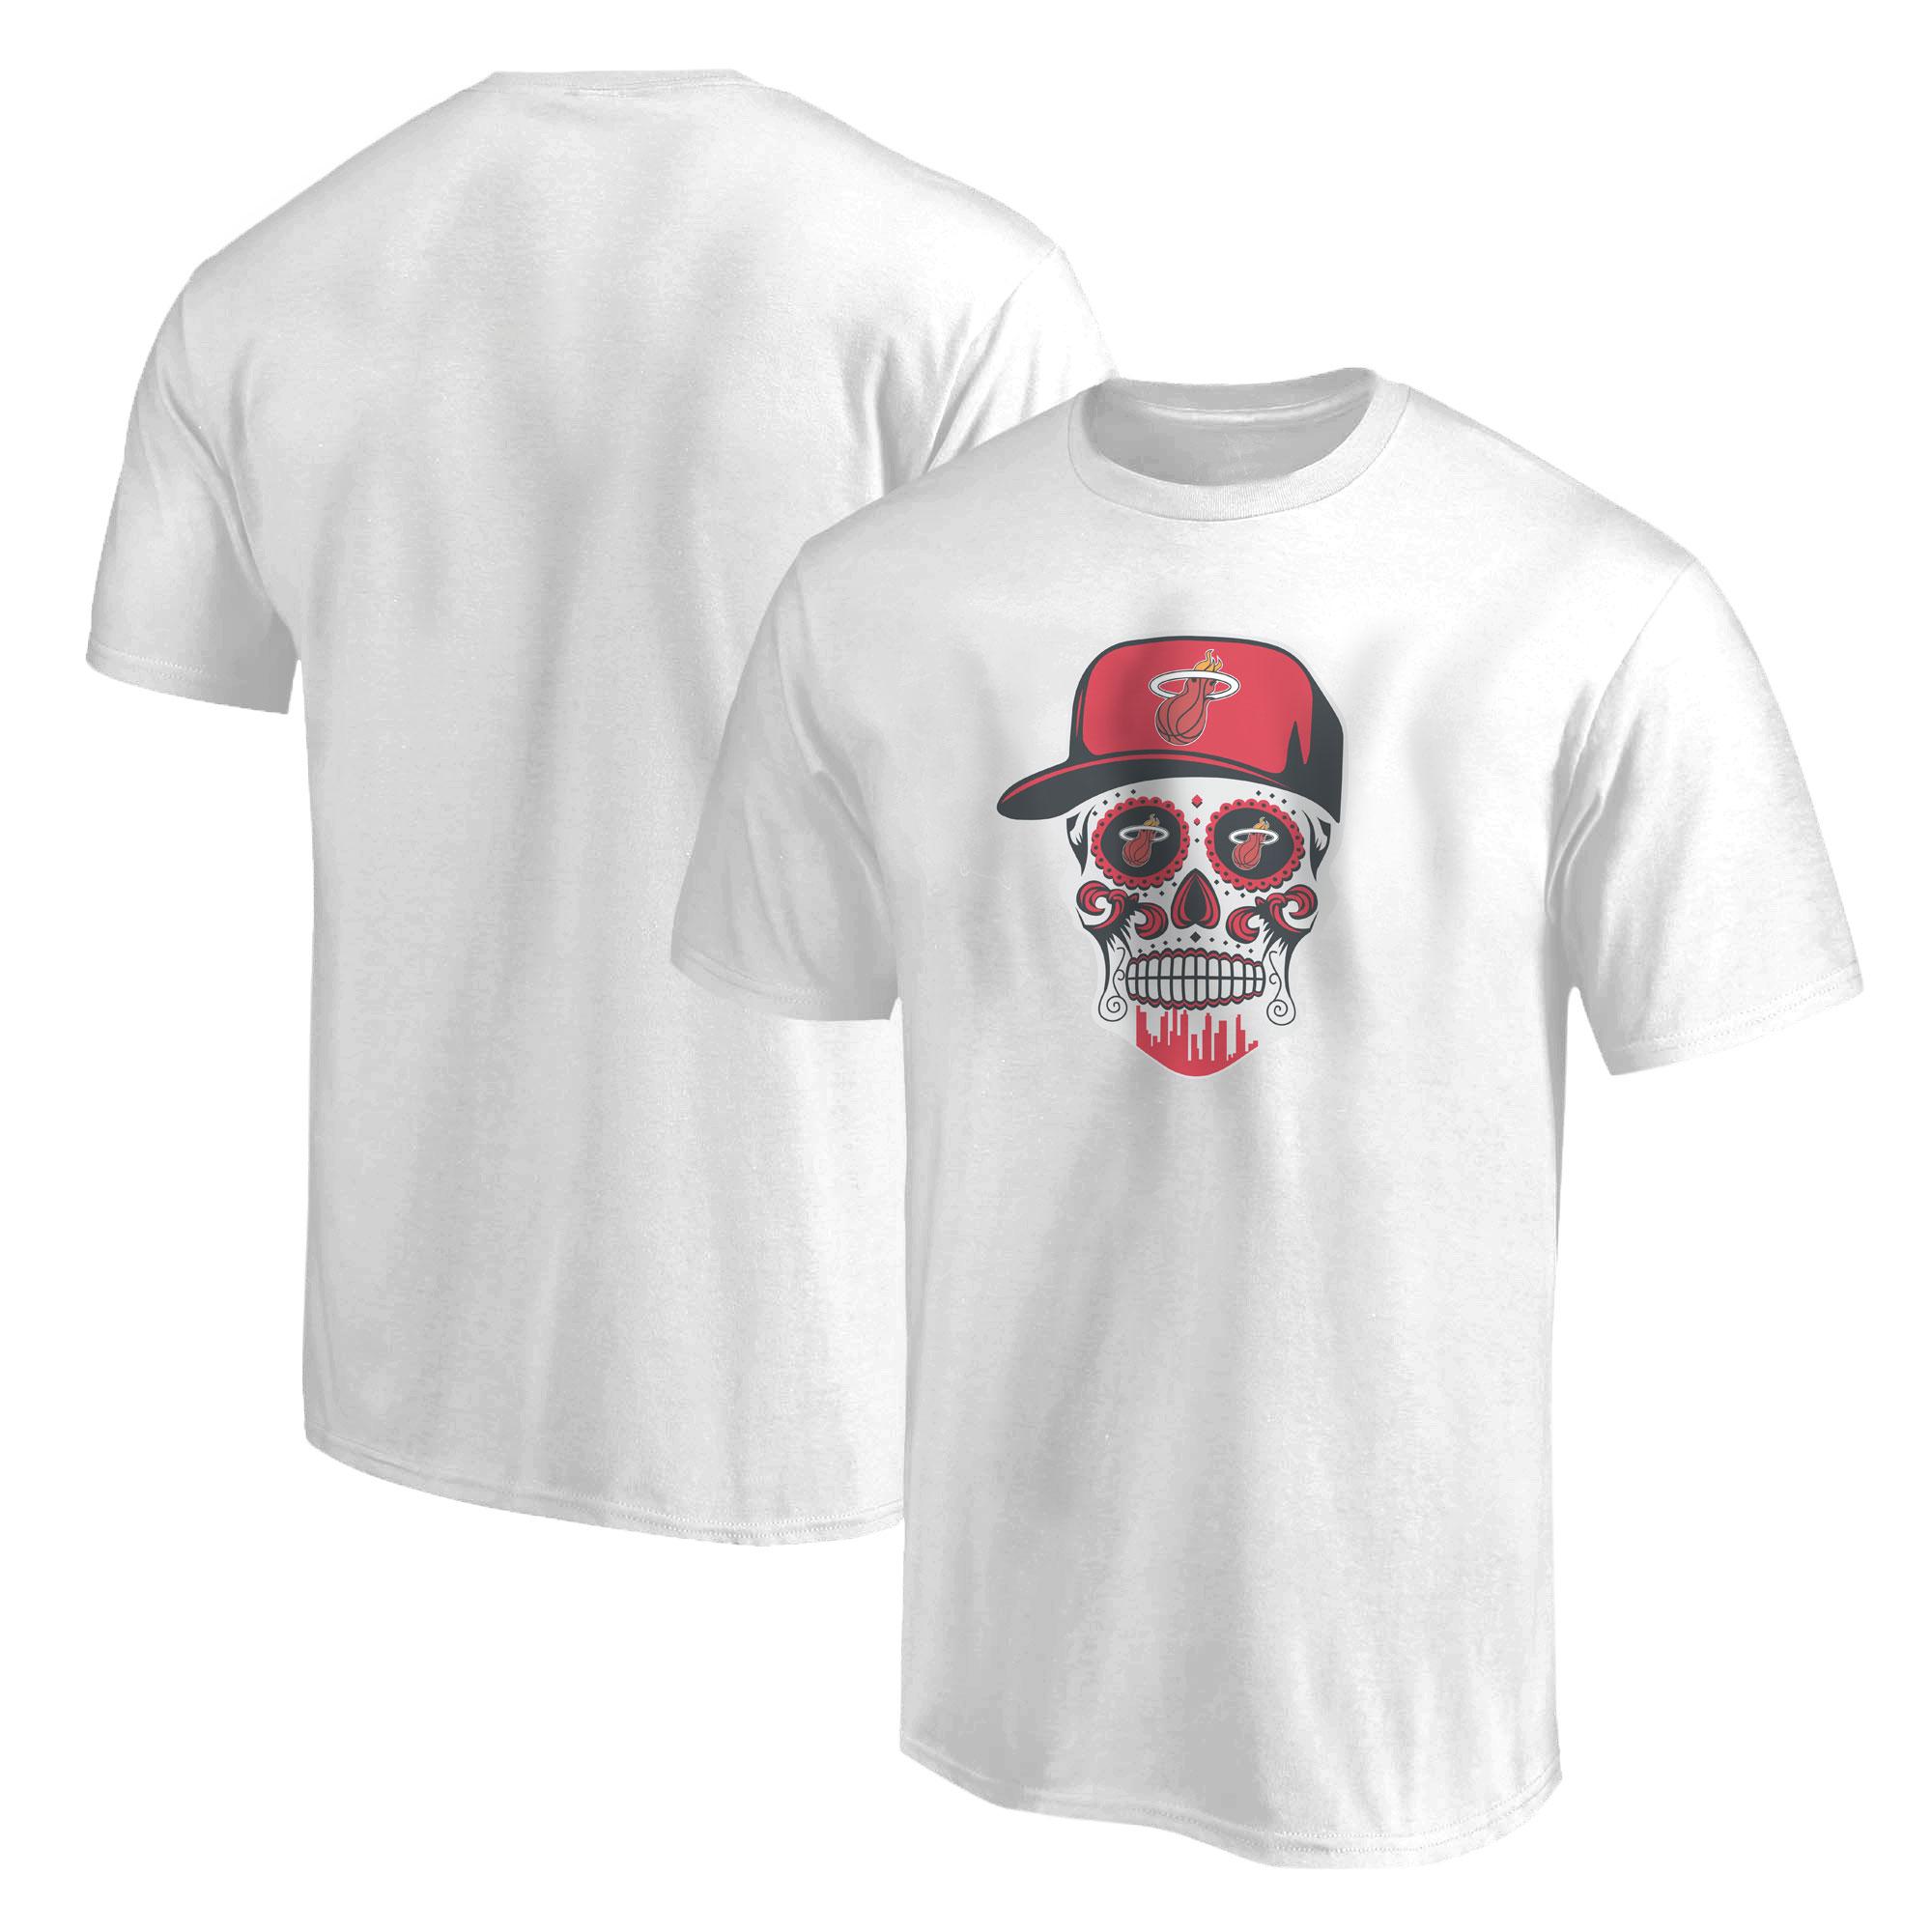 Heat Skull Tshirt  (TSH-WHT-NP-456-NBA-MIAMI-SKULL)